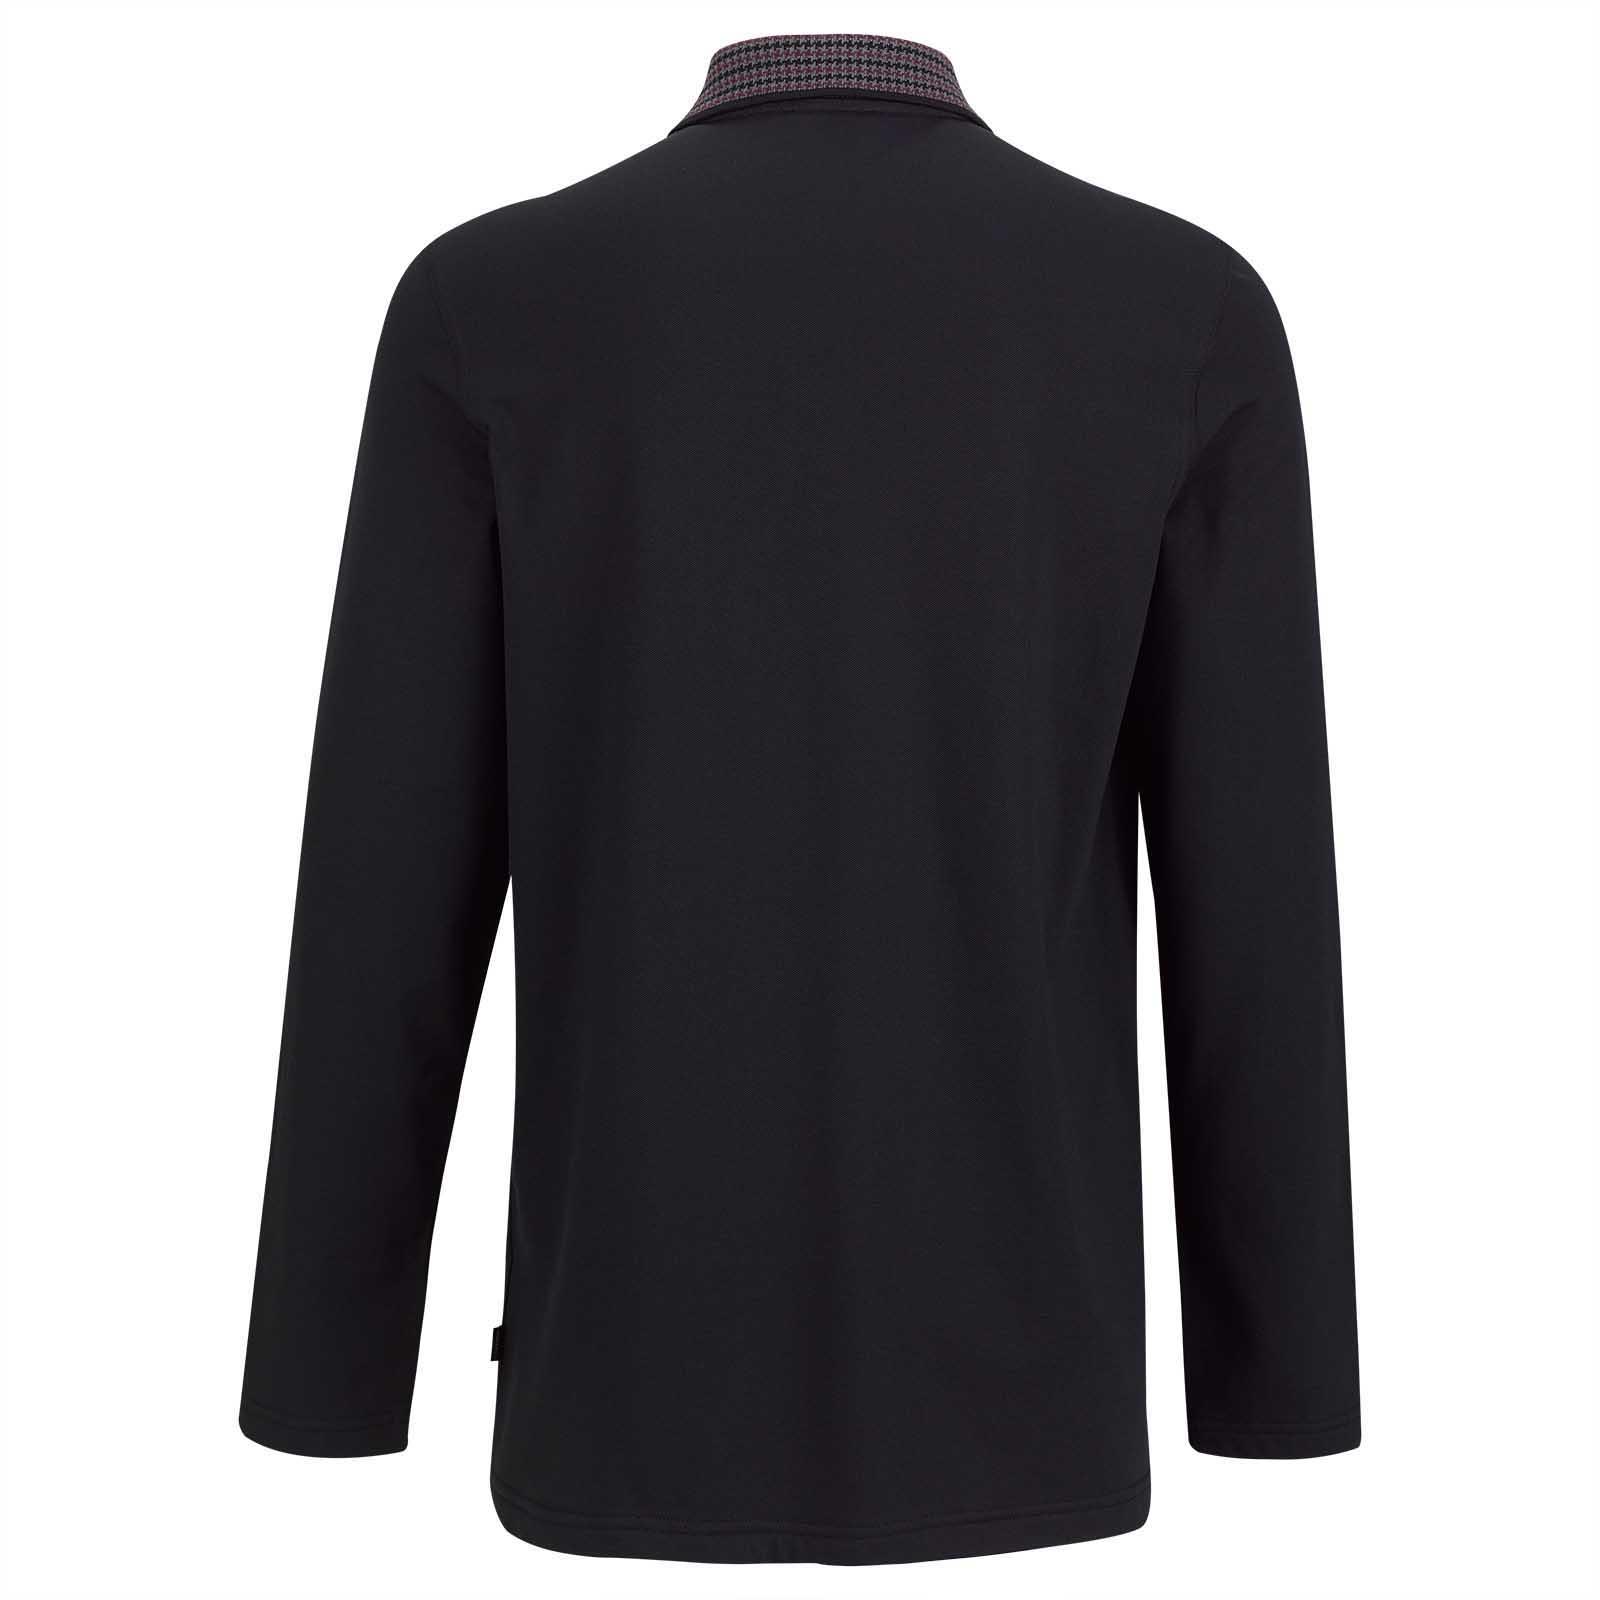 Herren Cotton-Blend Langarm Golfpolo mit UV-Schutz Funktion